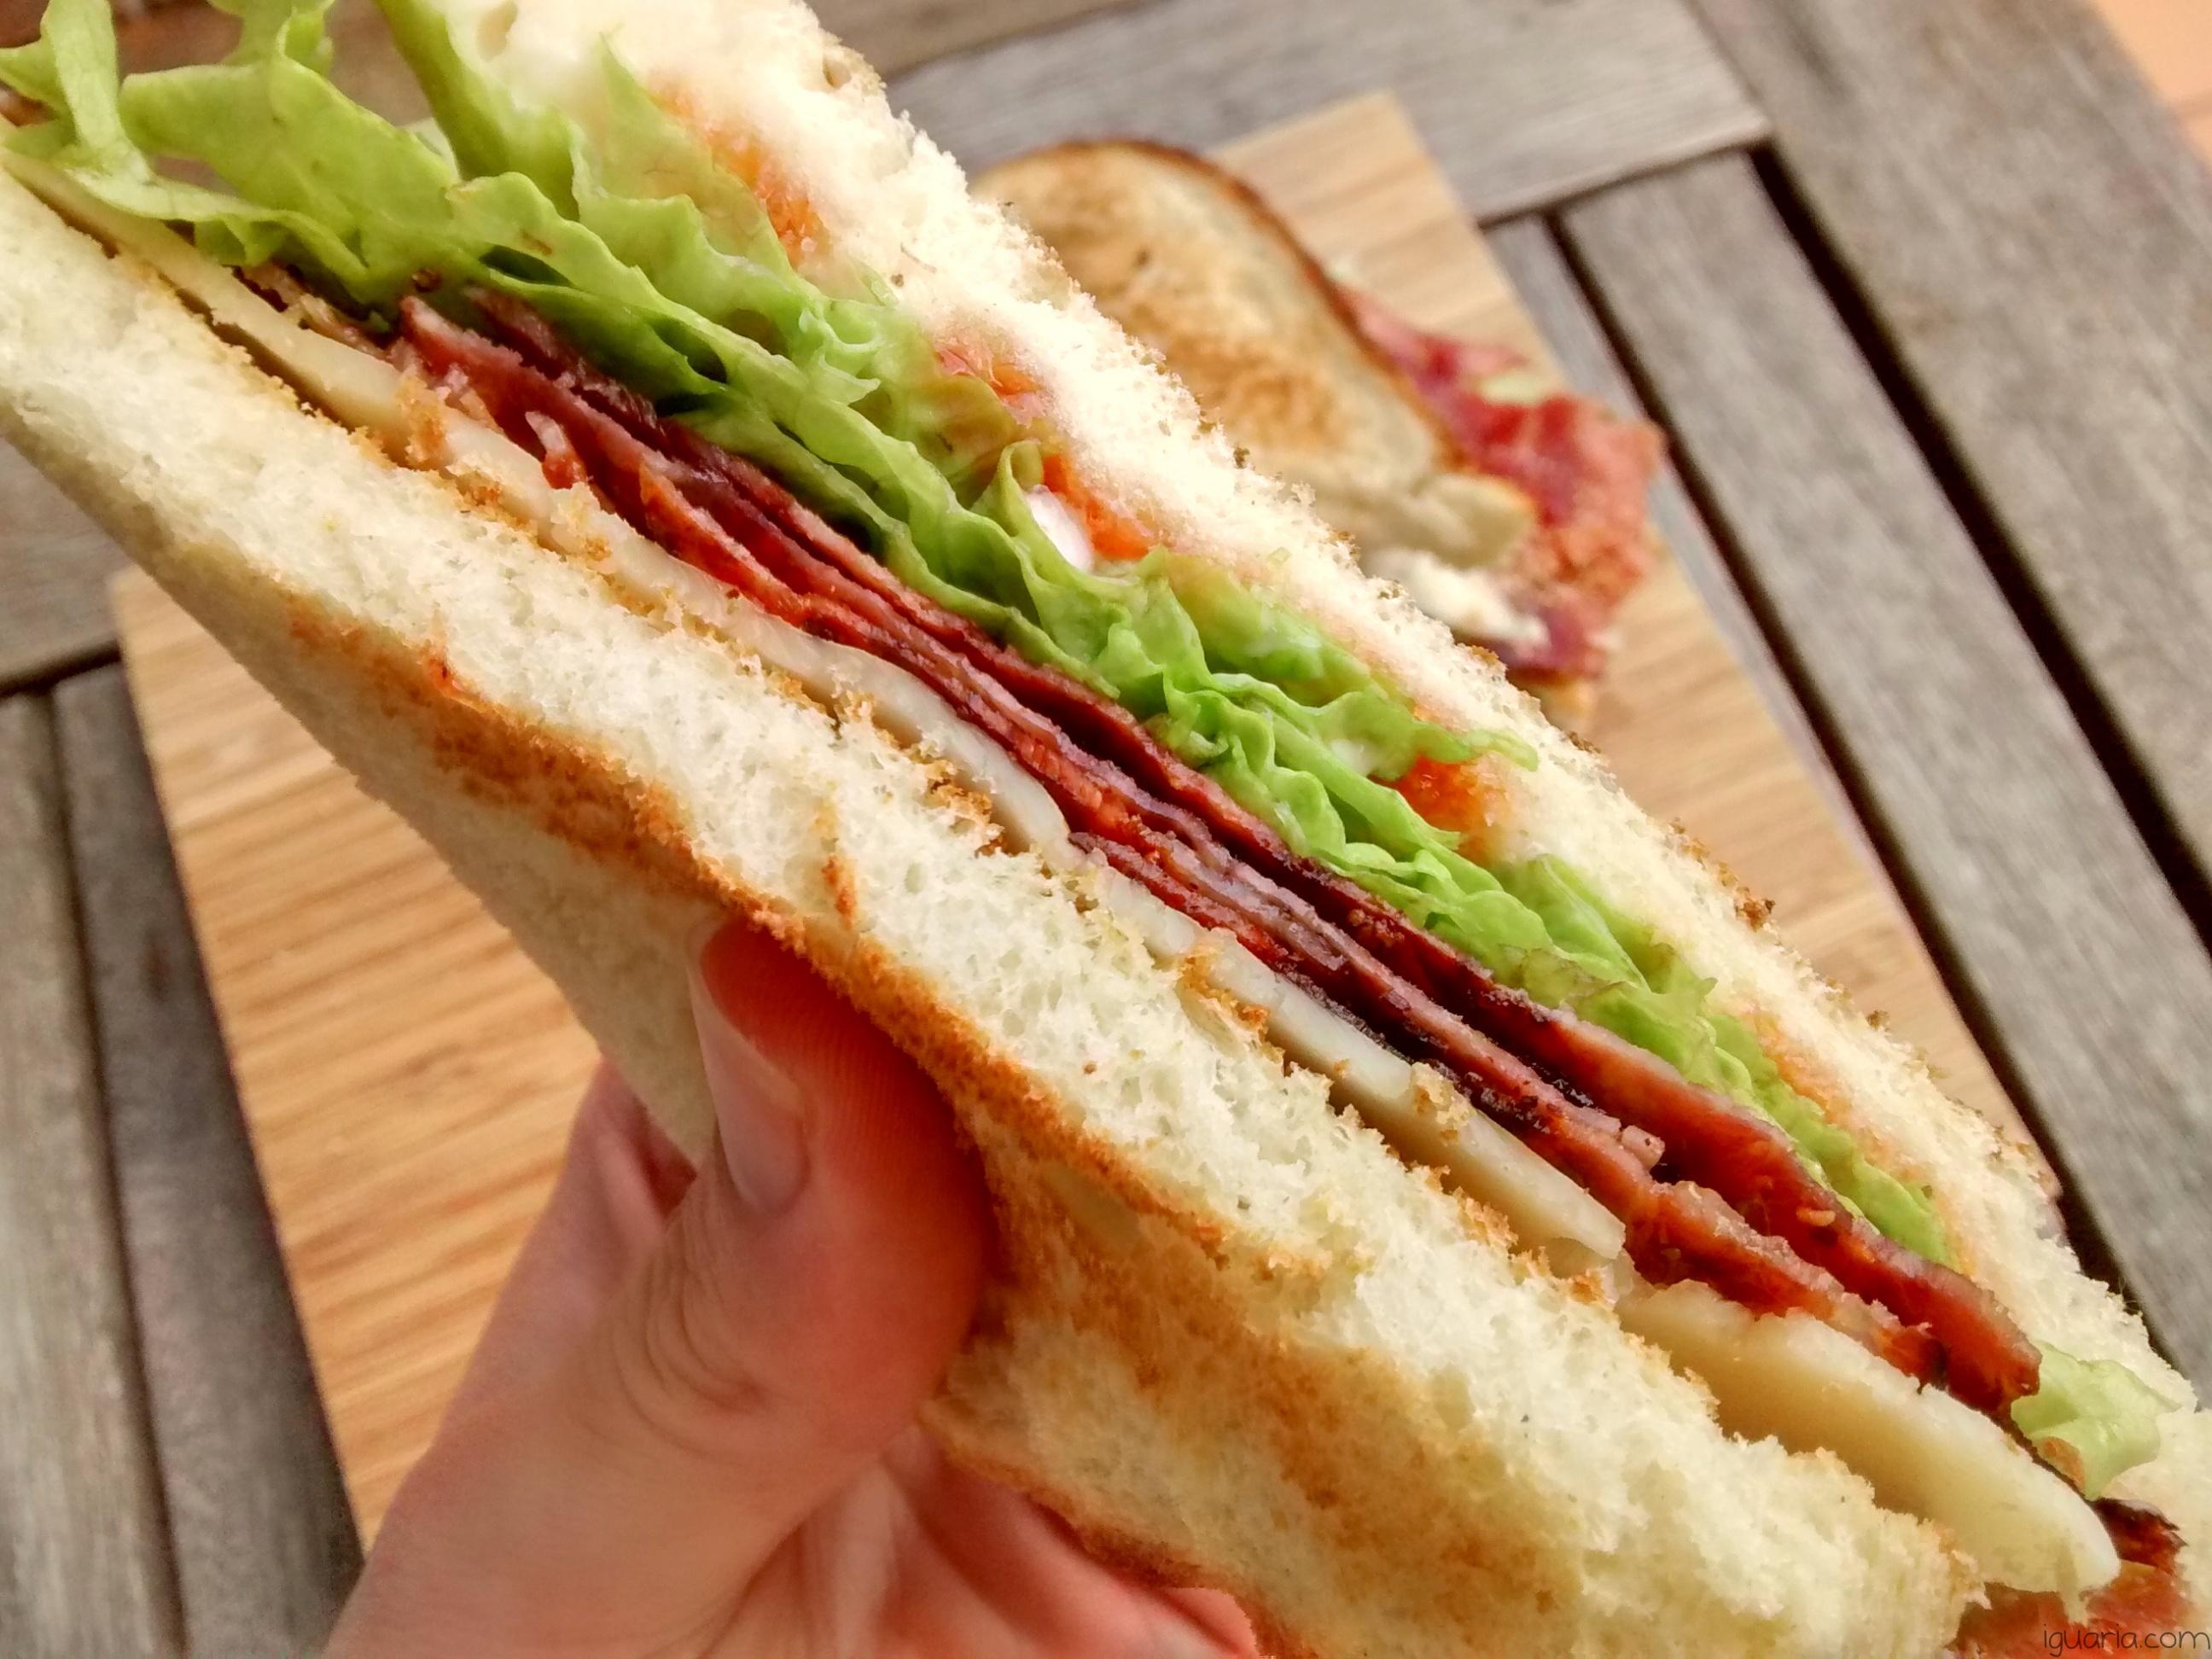 Iguaria_Sandes-de-Fiambre-e-Bacon